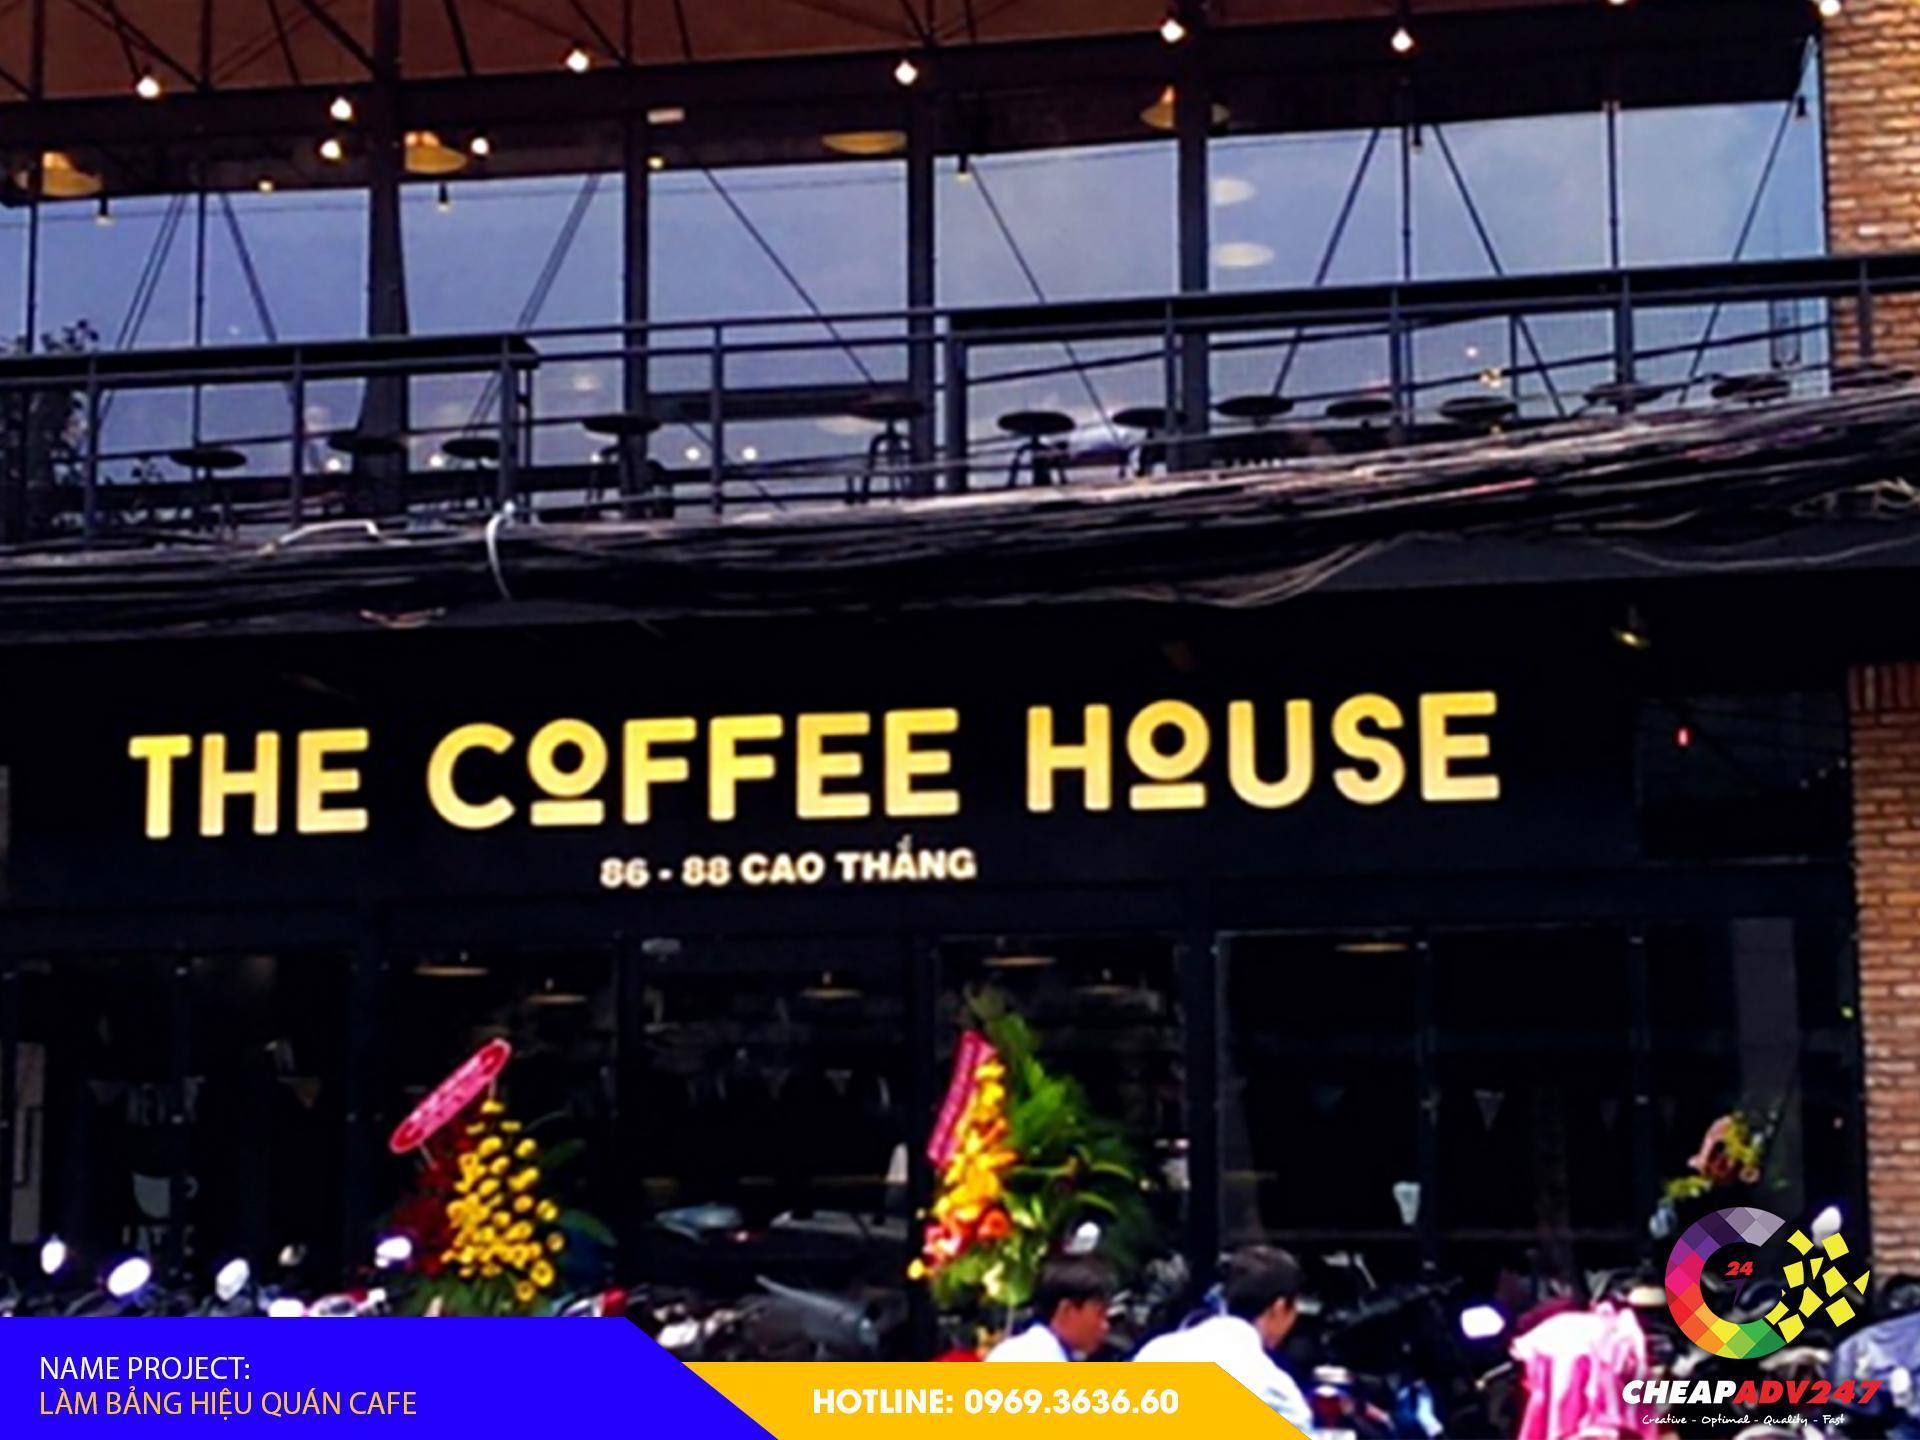 làm bảng hiệu quán cafe đẹp của cheapadv247